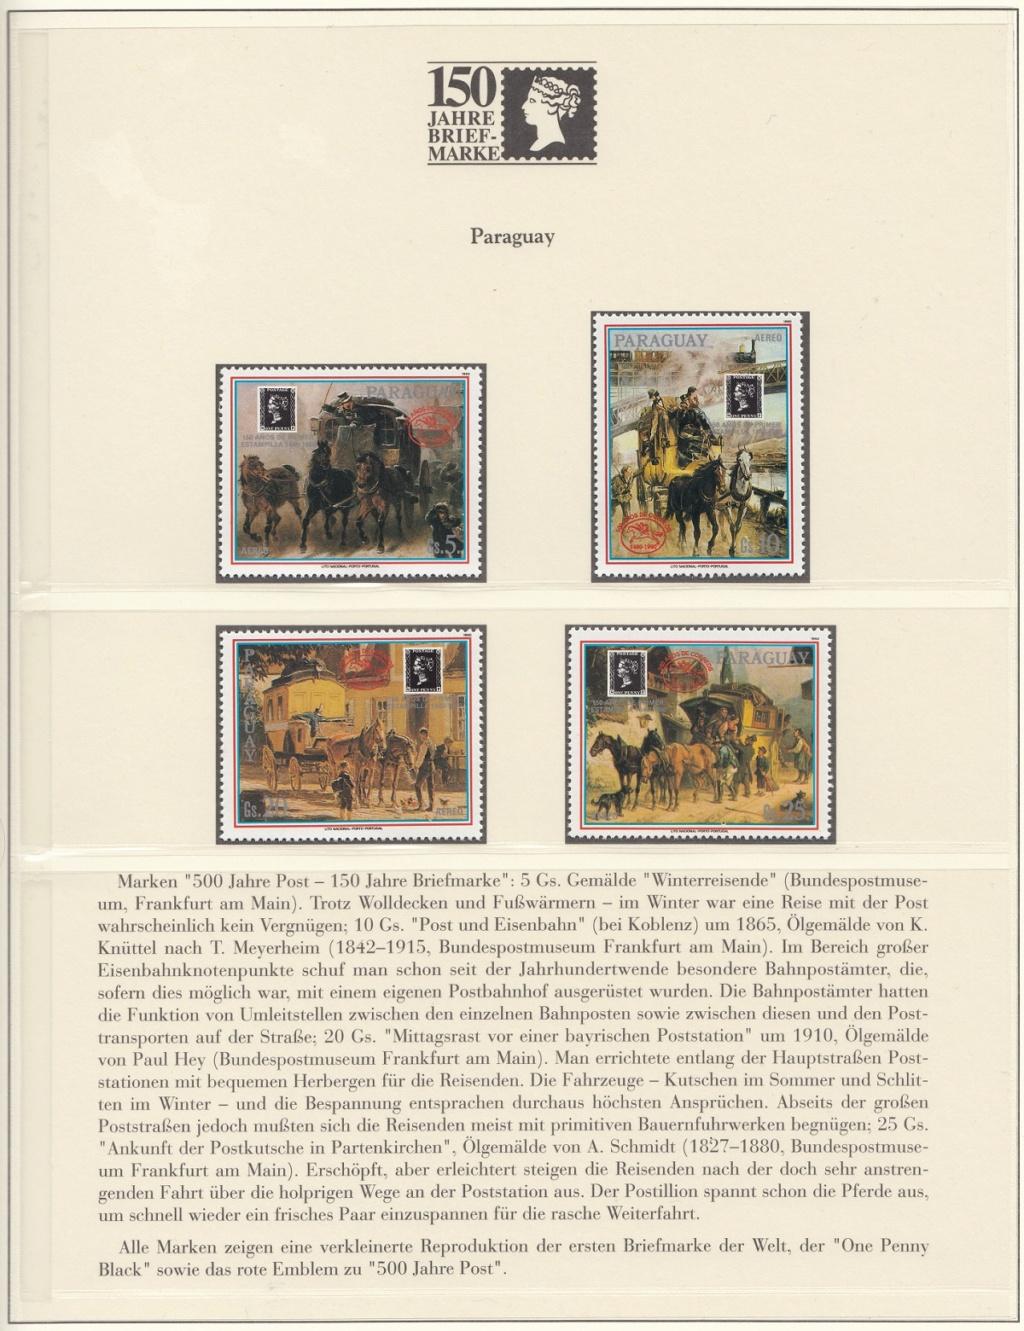 180 Jahre Briefmarke 150-4410